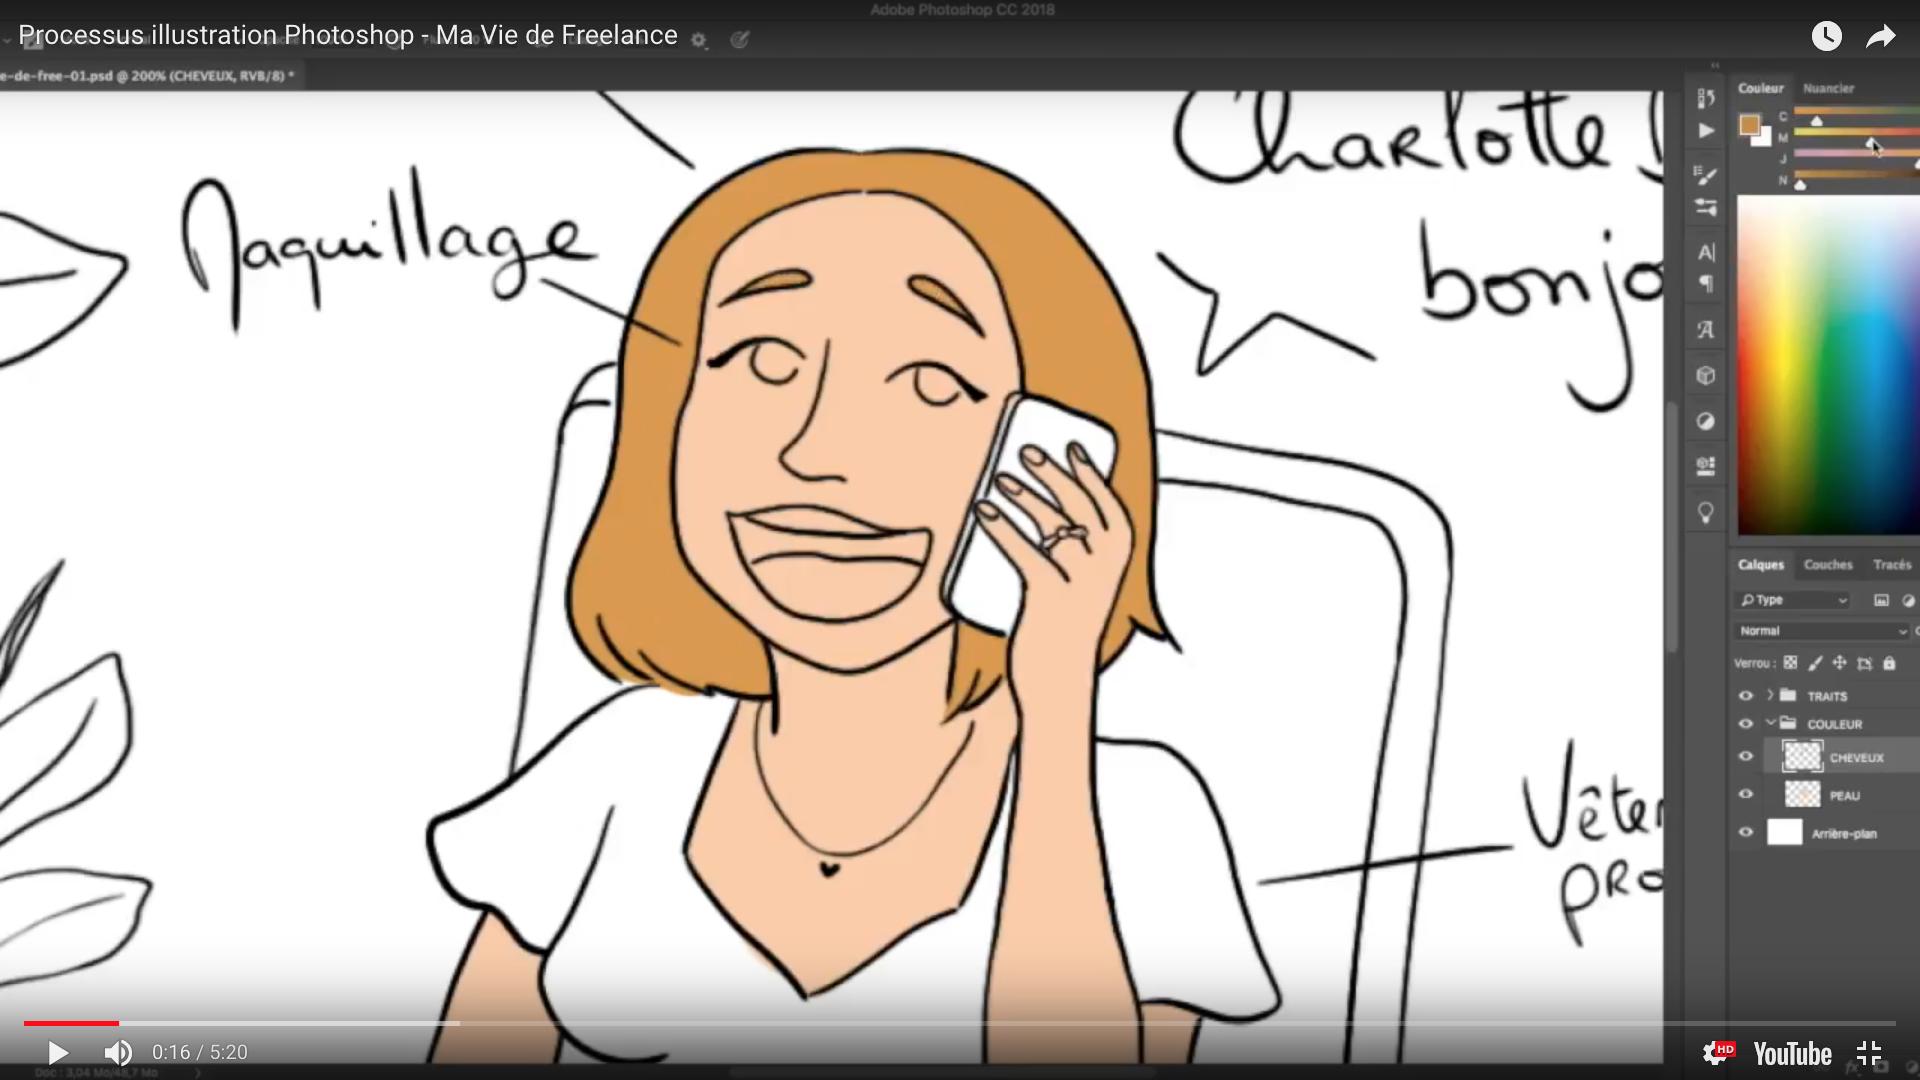 Preview Ma vie de freelance illustrée